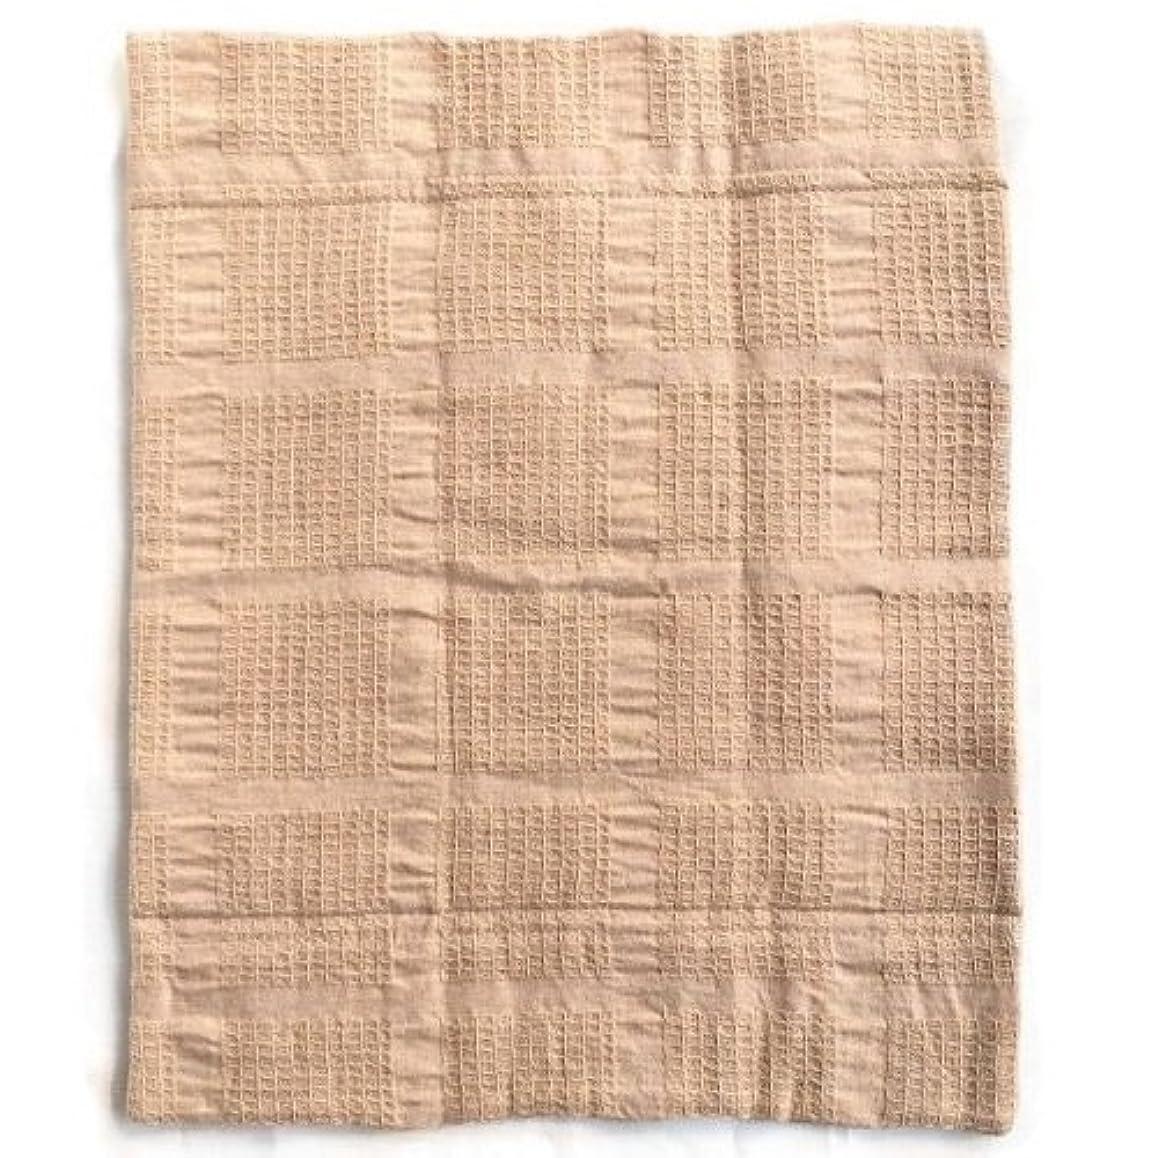 壊滅的な拒否蒸発華布のオーガニックコットンの布ナプキン LLサイズ(約28cm×約35cm) 1枚入り